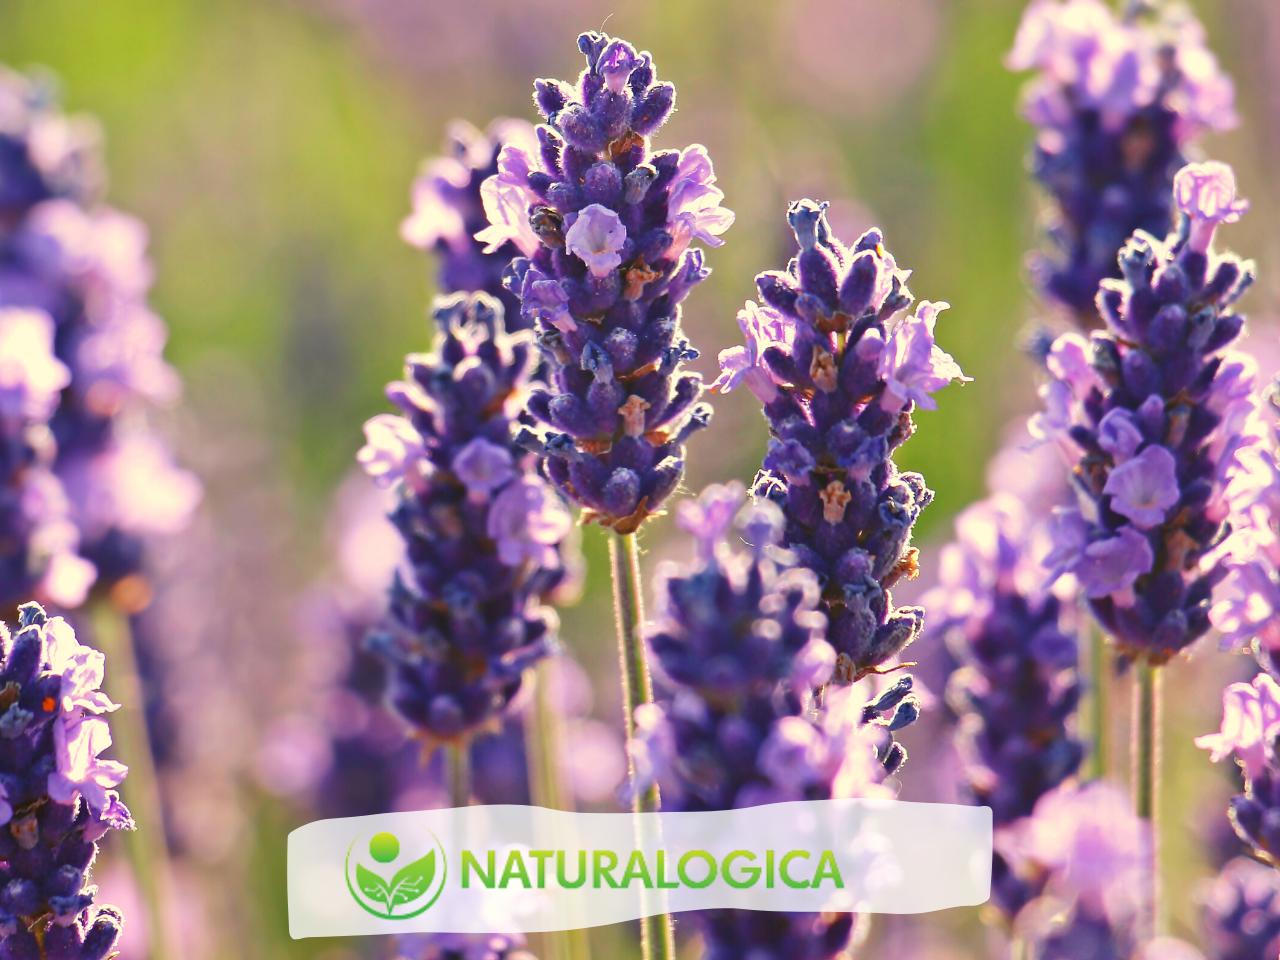 4 ricette di olio massaggio rilassante fai da te con oli essenziali.